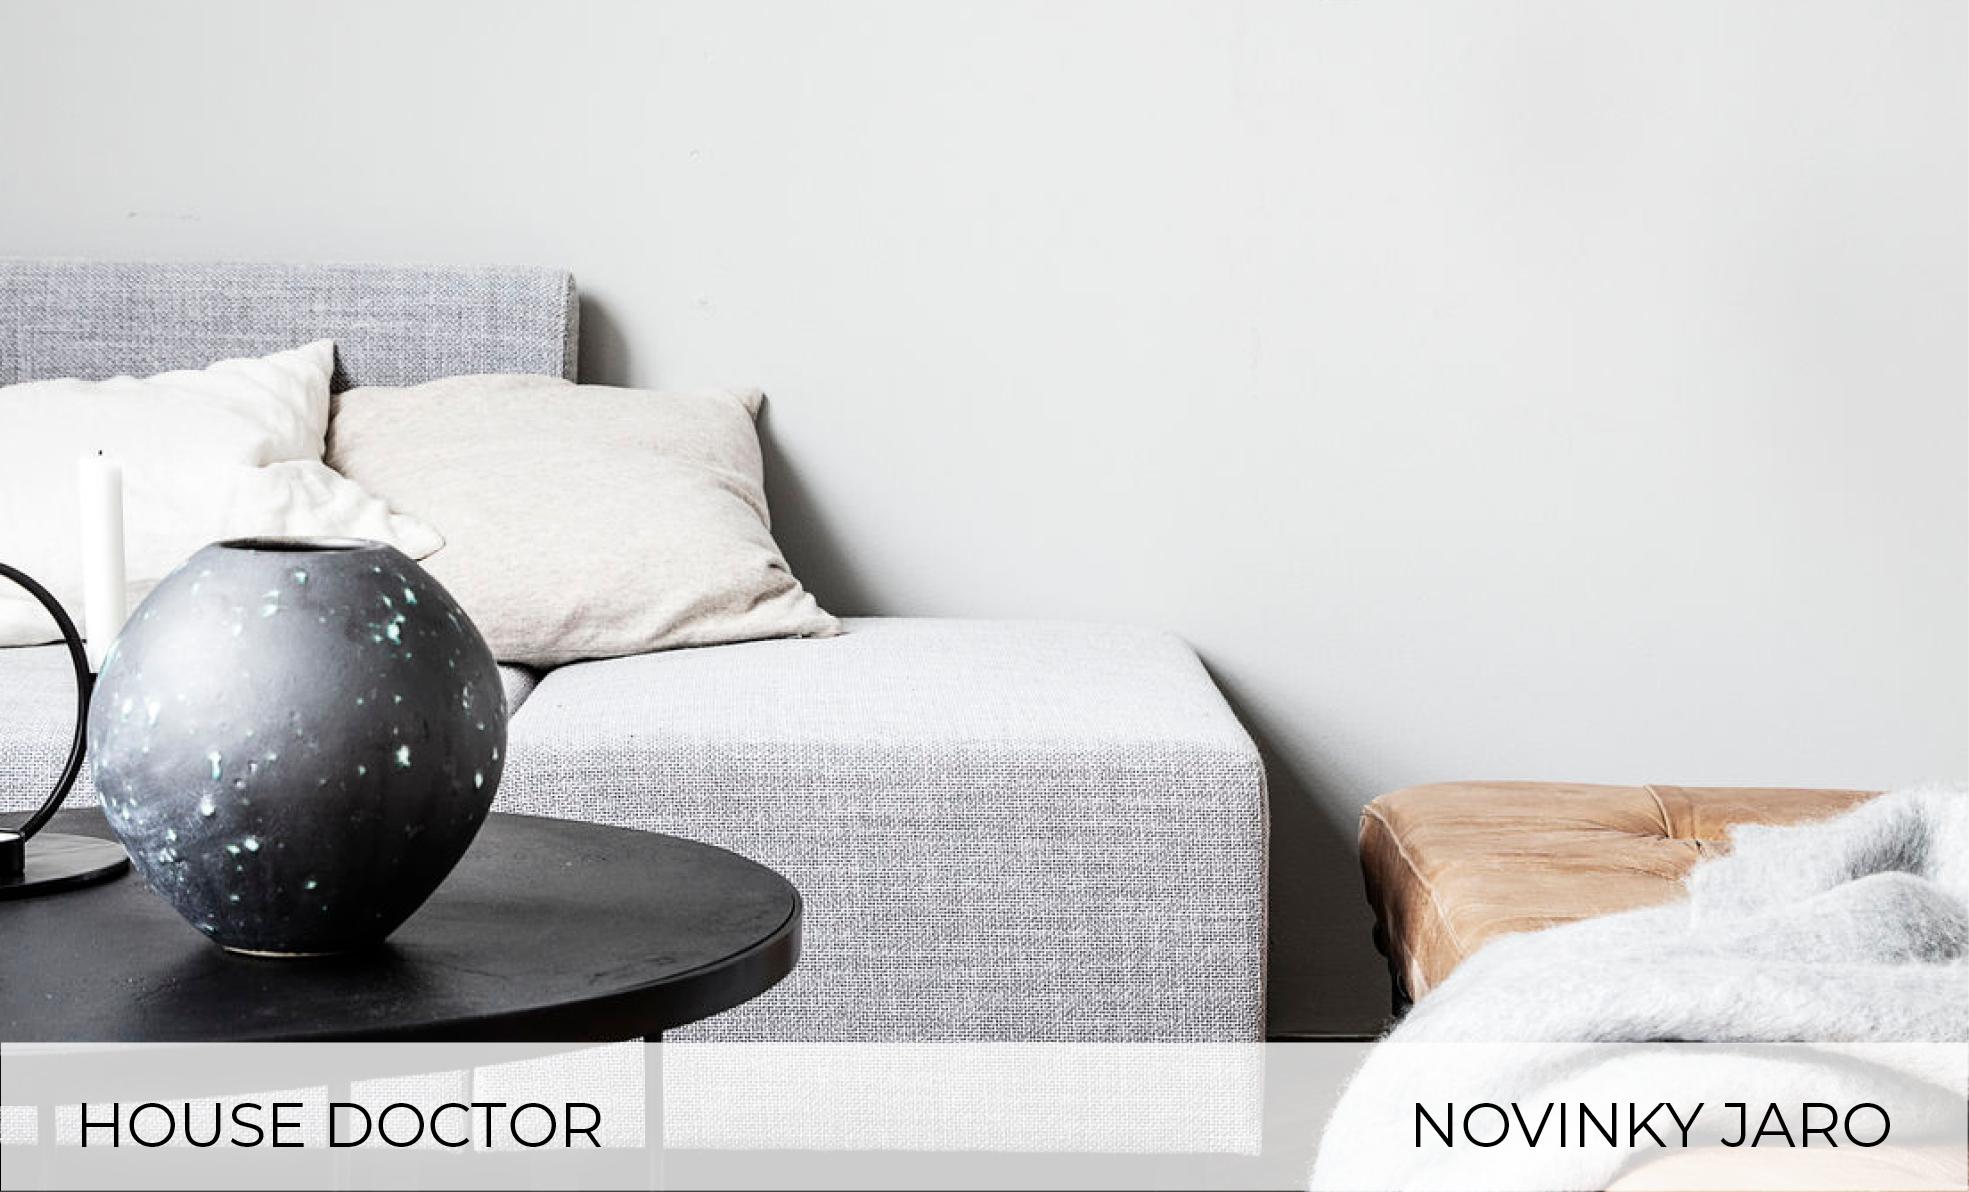 HOUSE DOCTOR NOVINKY JARO II